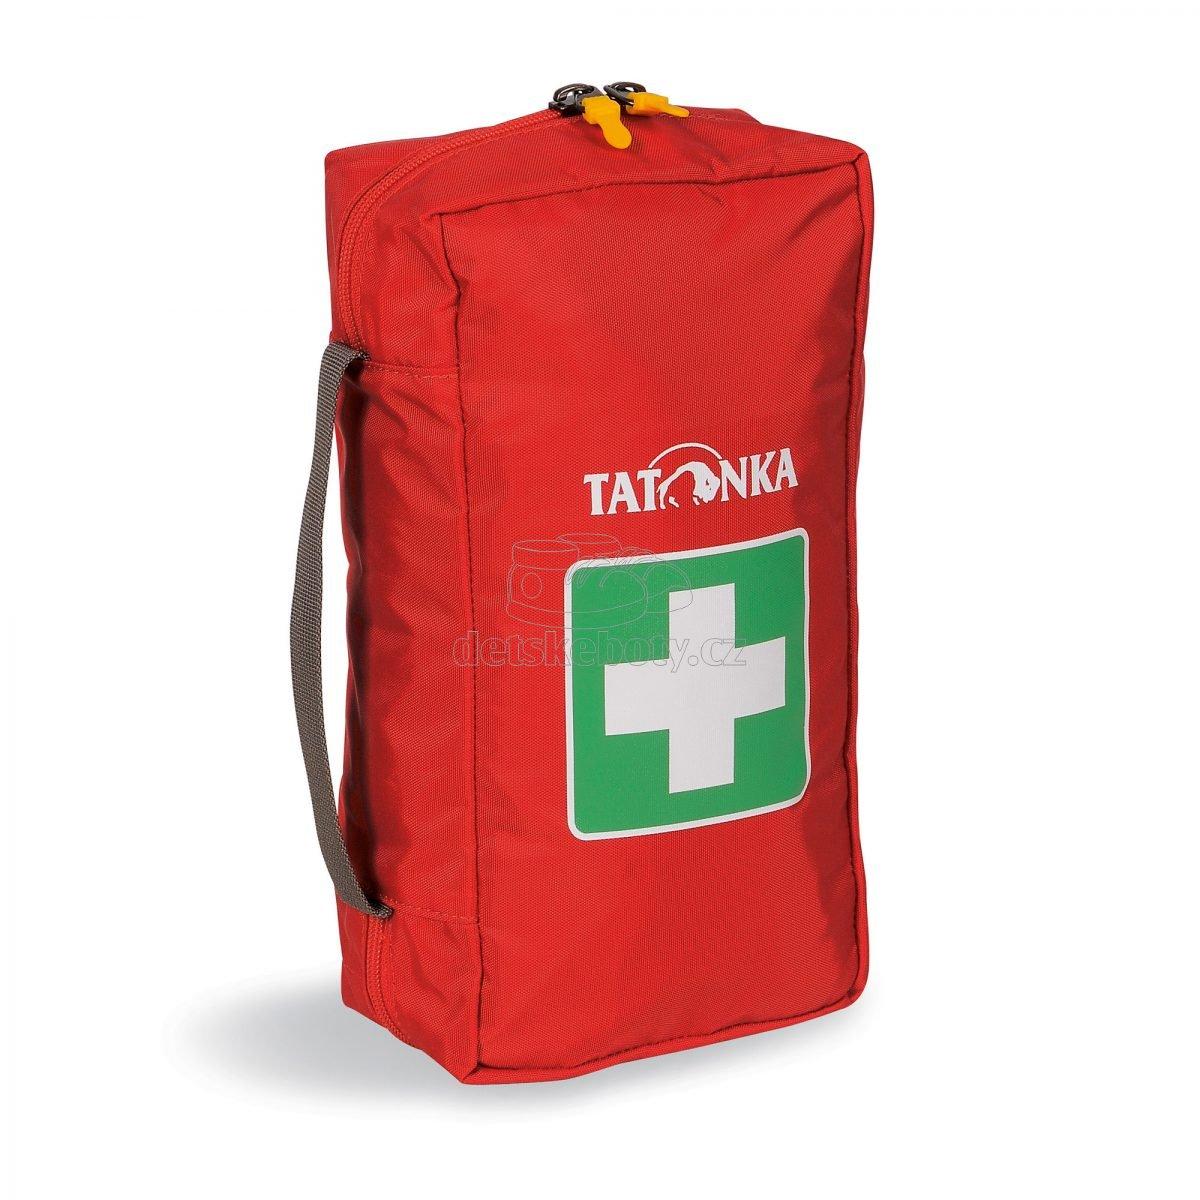 Obal lékárny Tatonka First Aid M